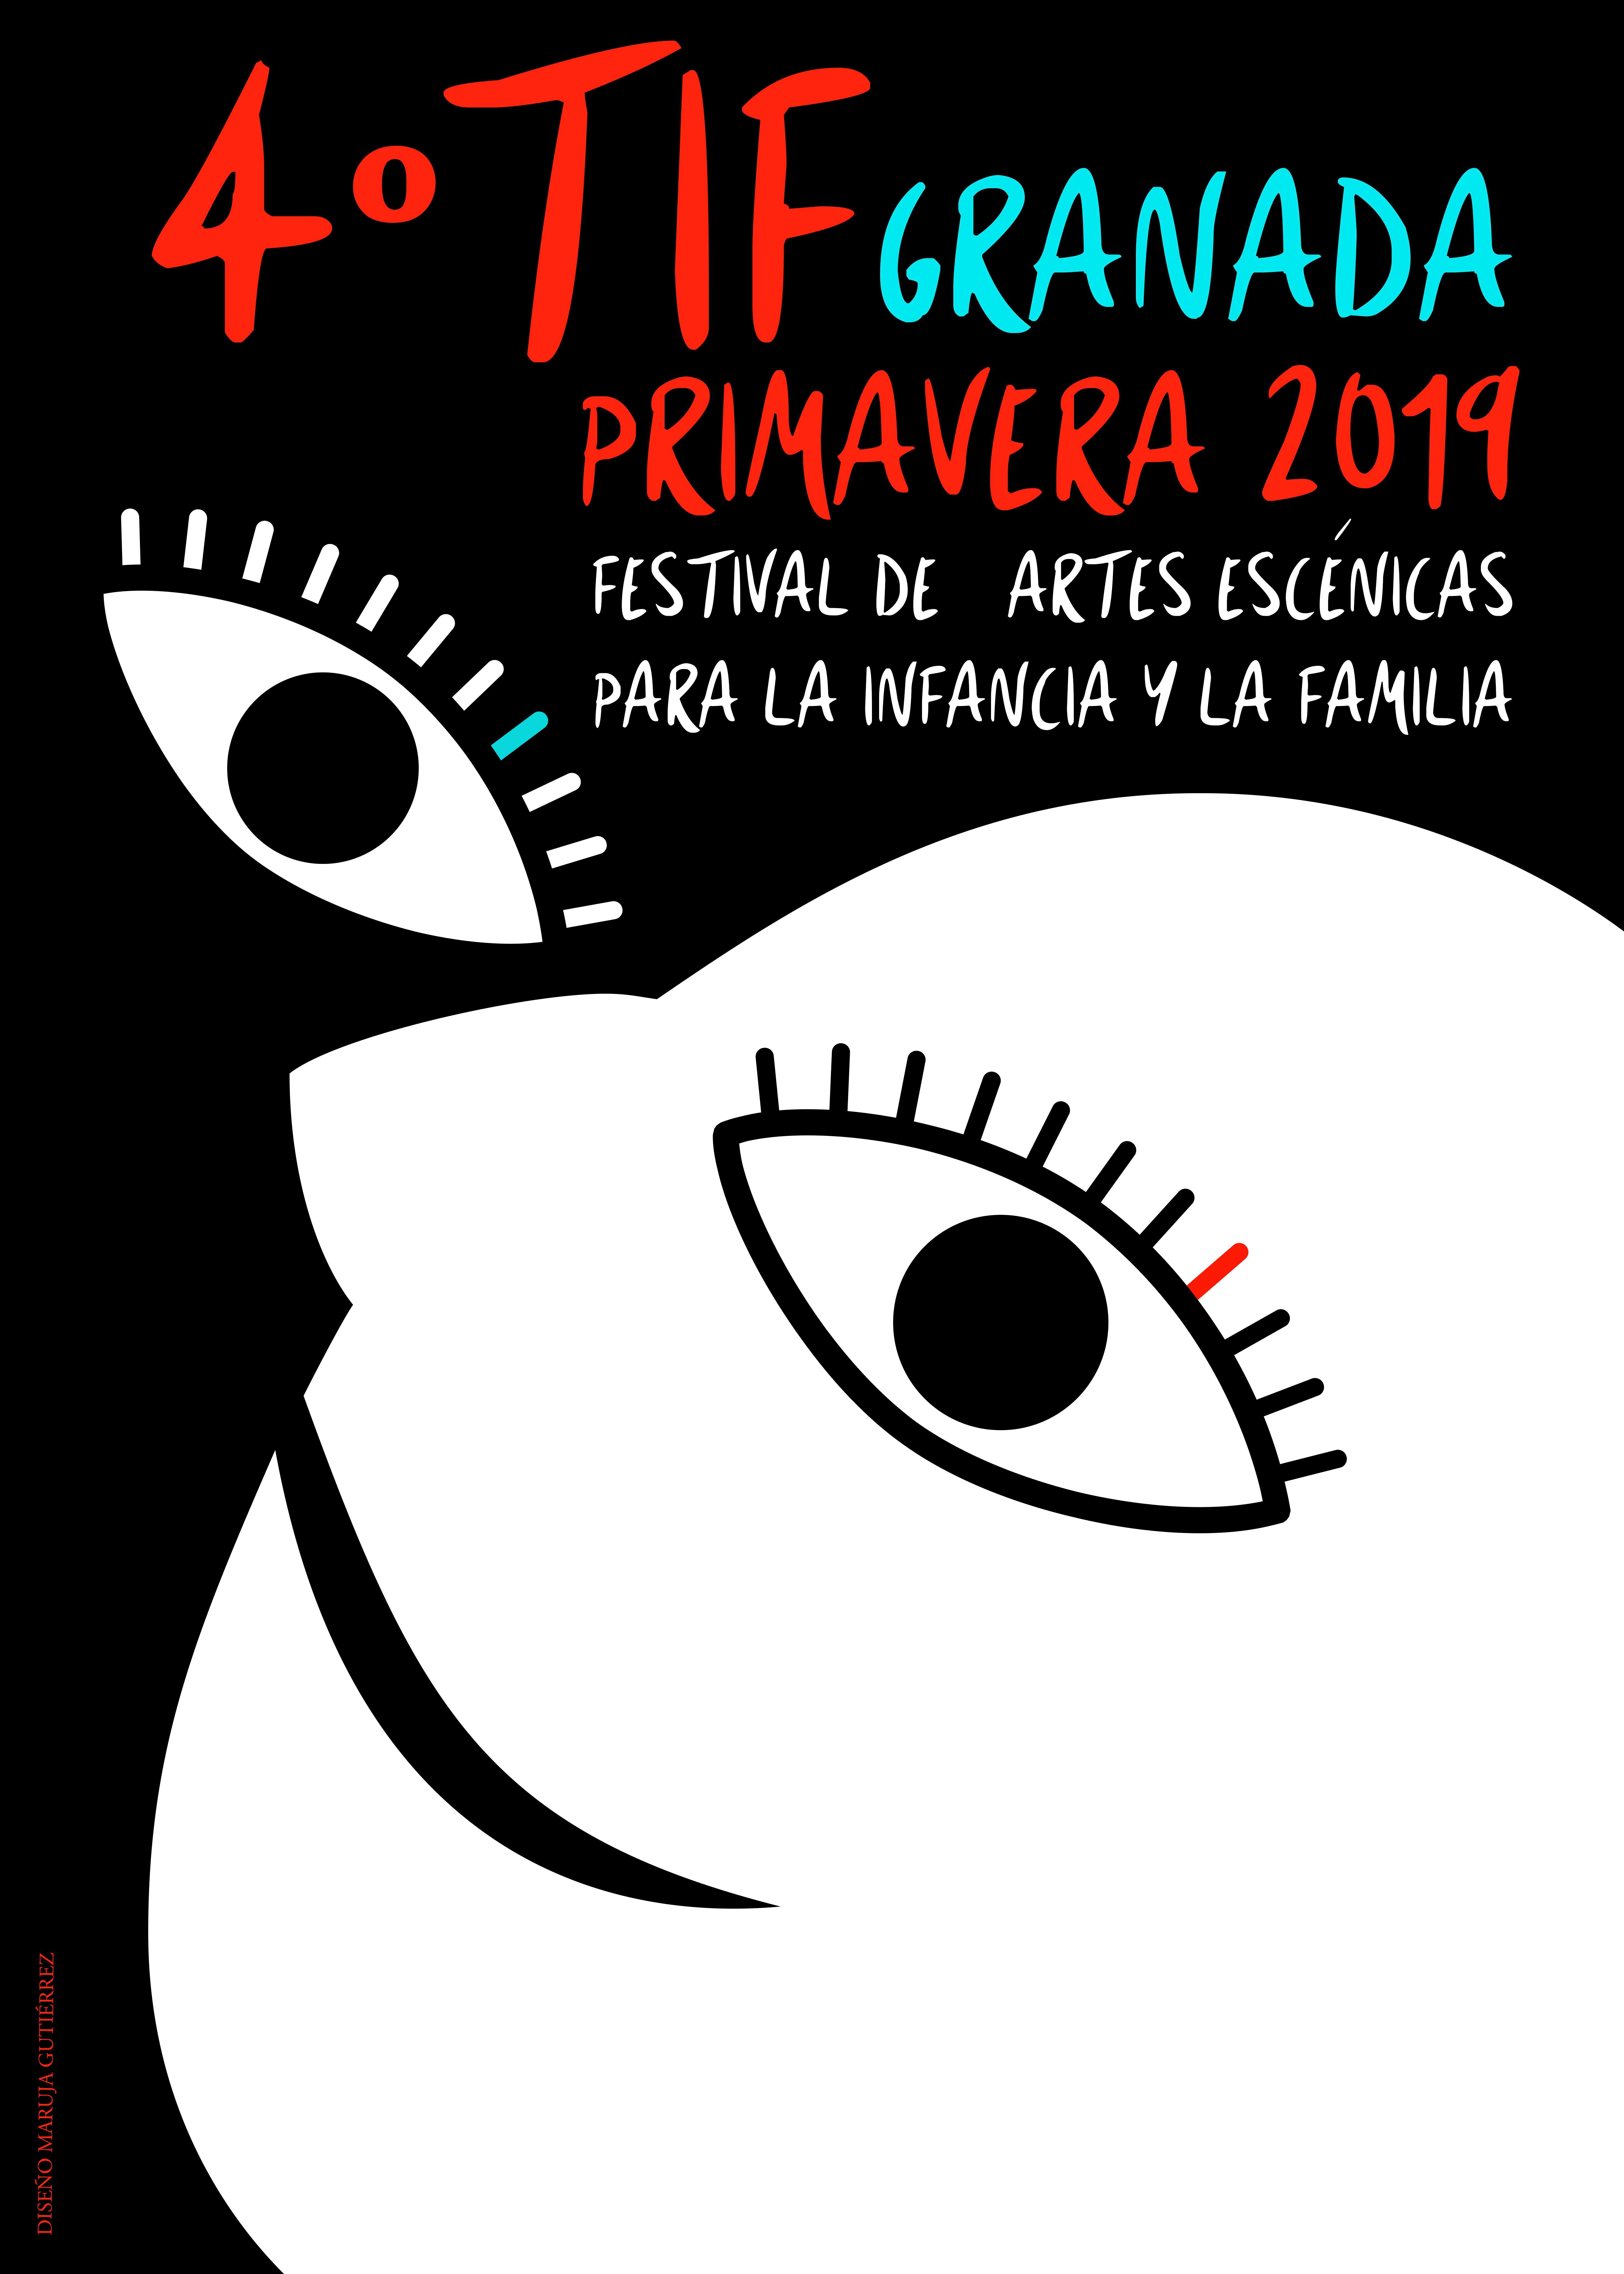 Granada se convierte en capital de las artes escénicas con el inicio del Festival dirigido a la infancia y la familia, TIF